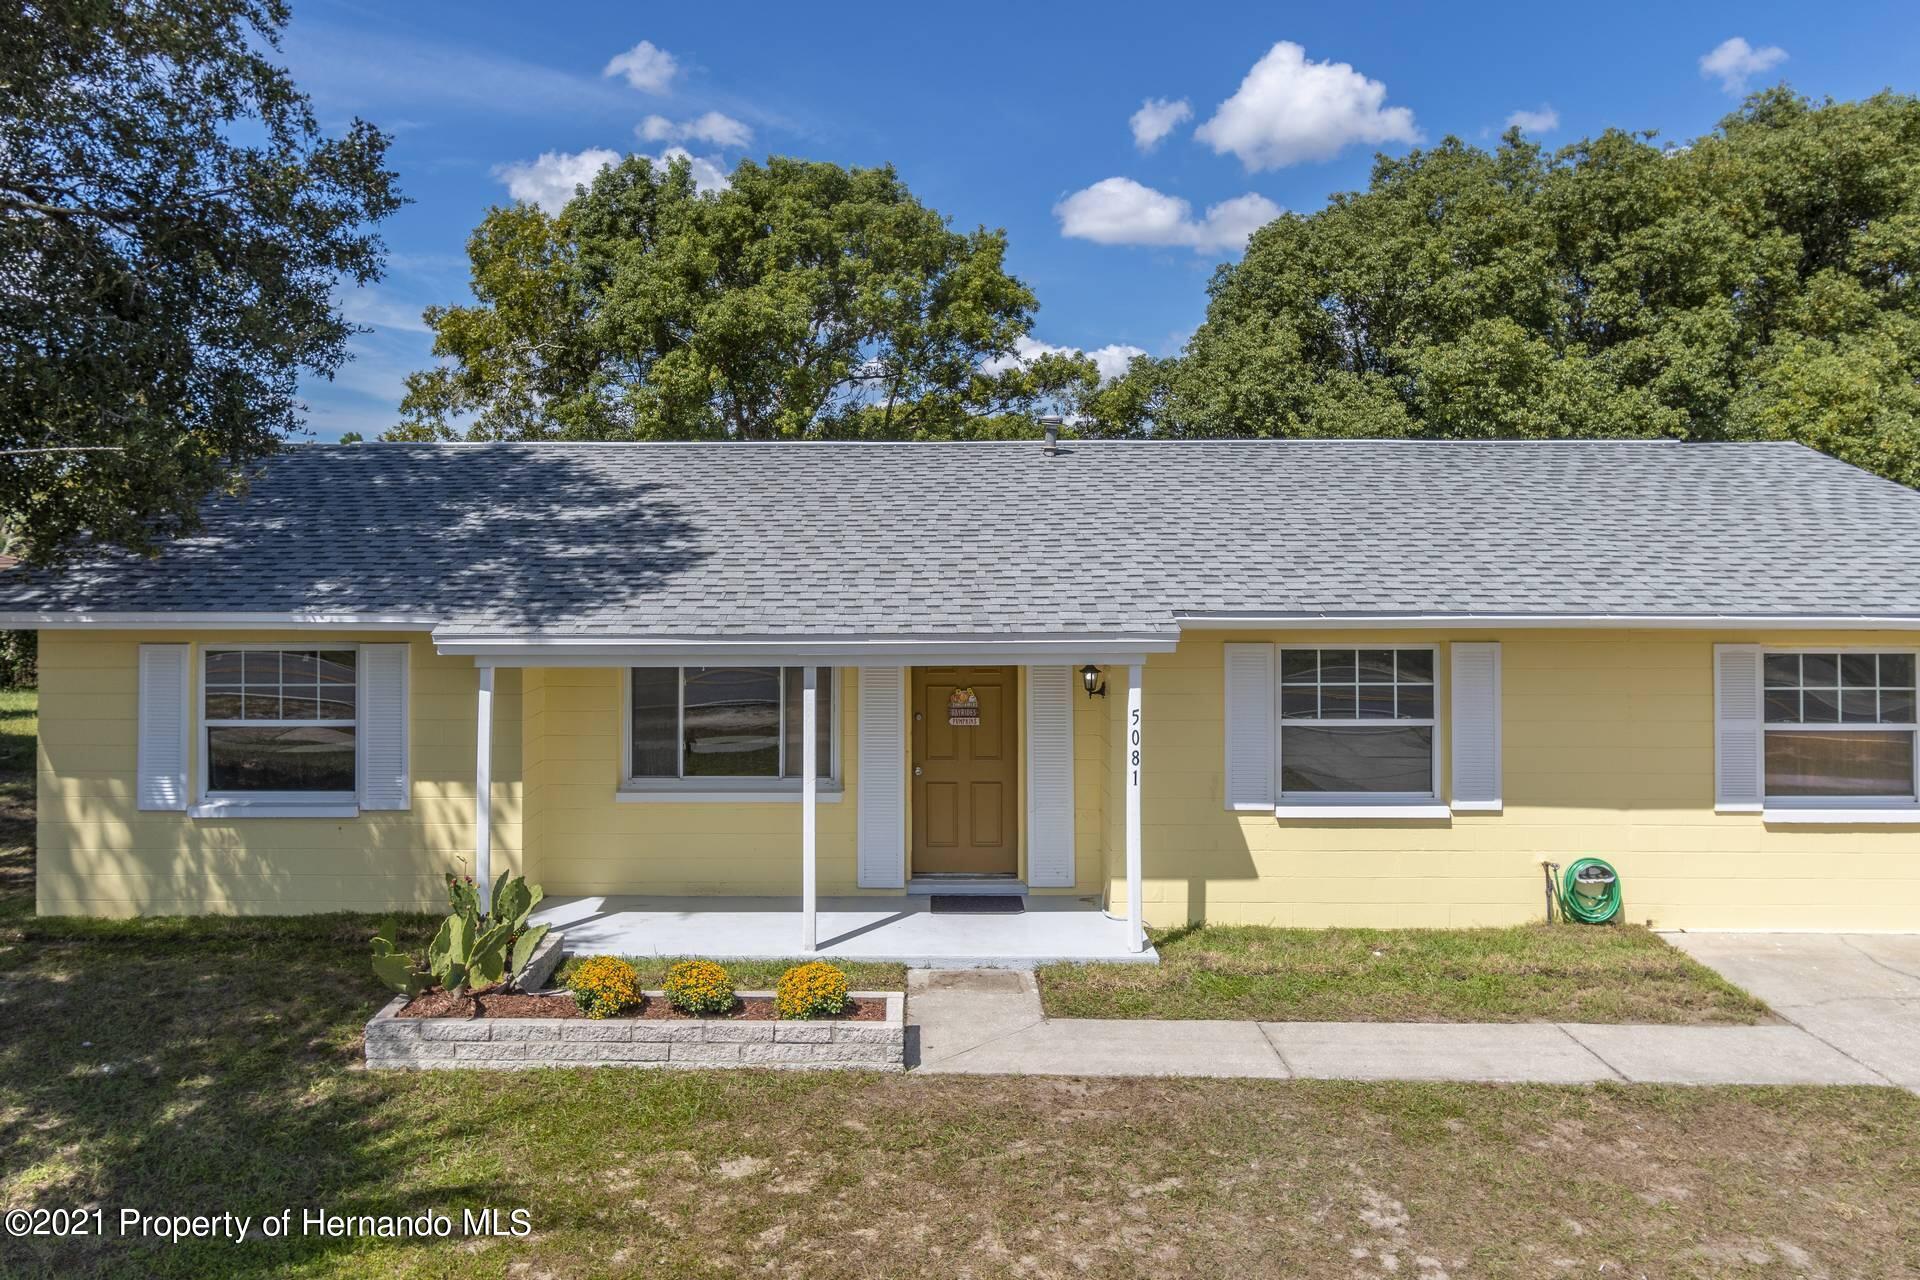 Details for 5081 Landover Boulevard, Spring Hill, FL 34609